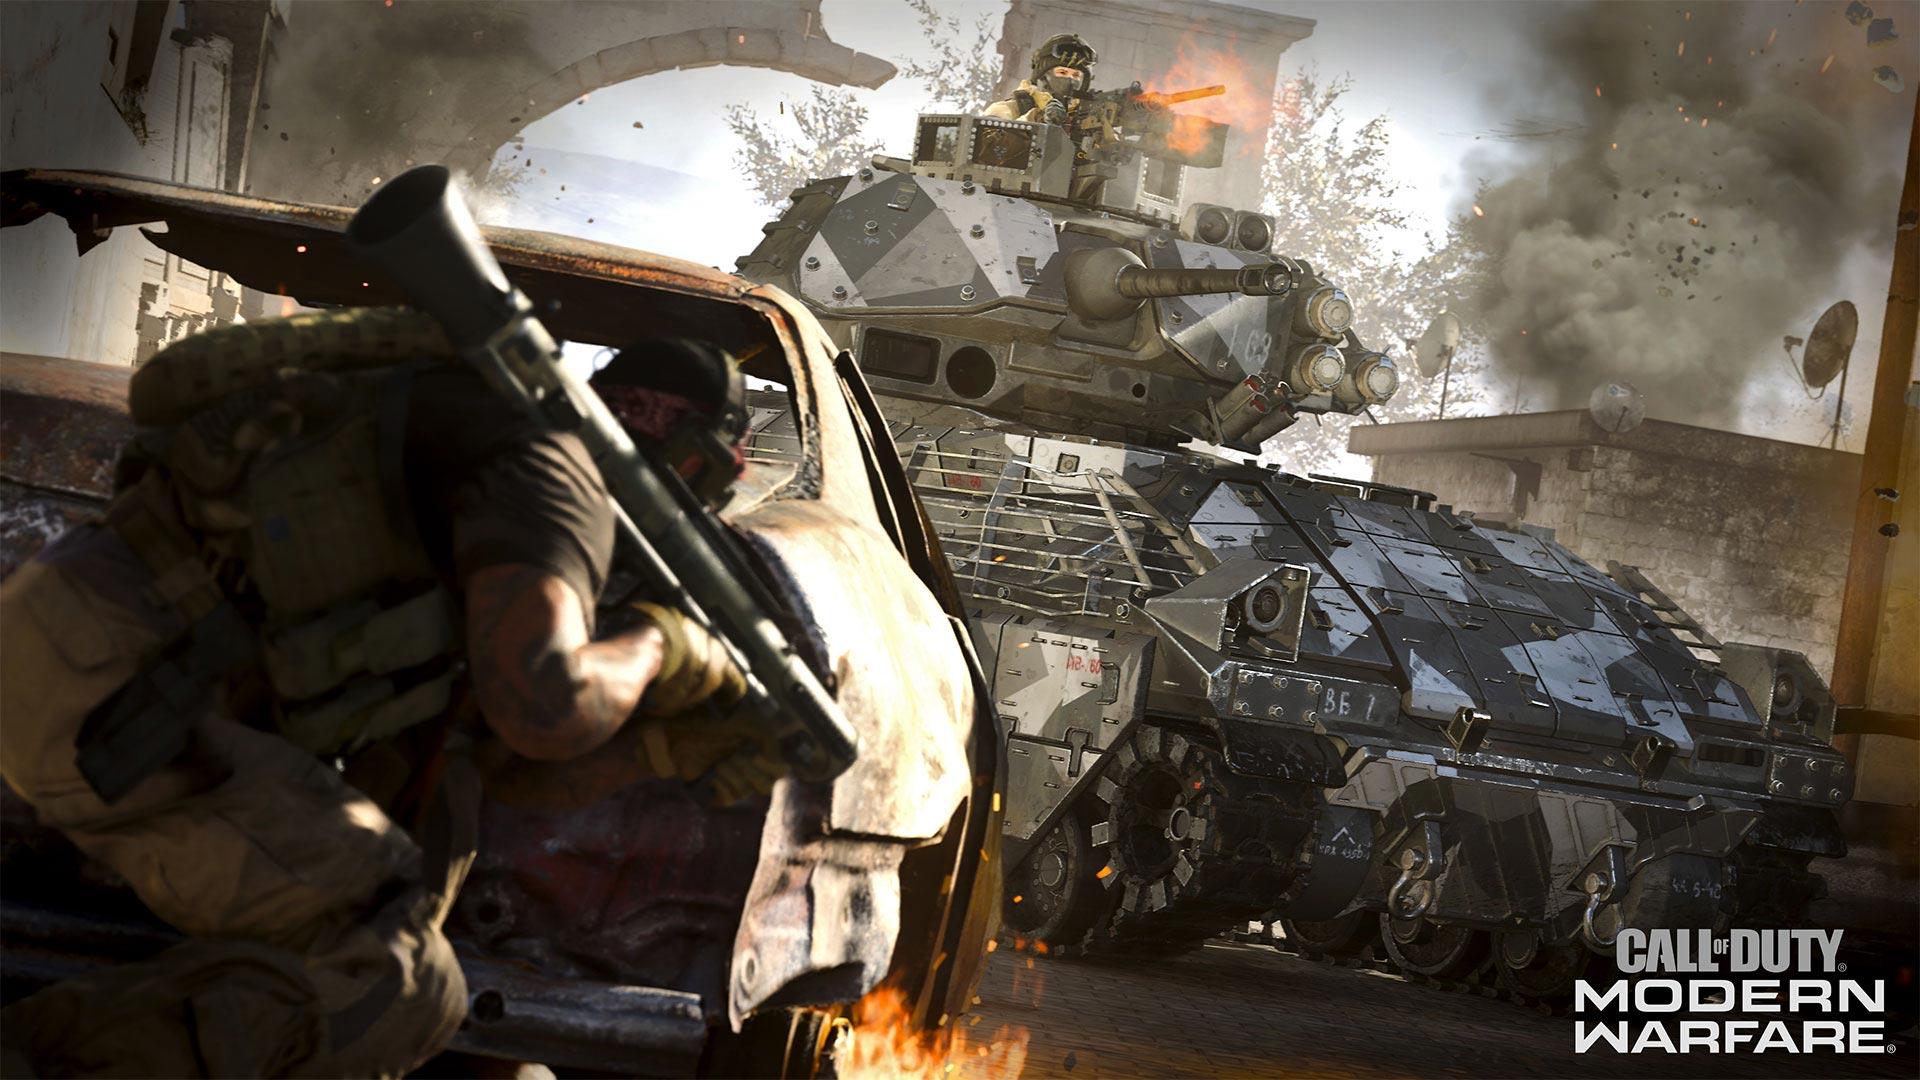 Call of Duty: Modern Warfare tank